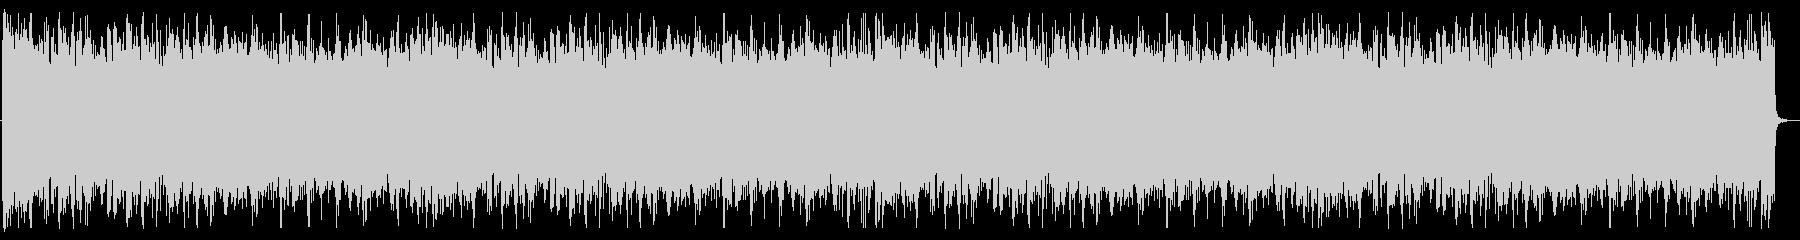 重厚/シンプル/ロック_No600_5の未再生の波形